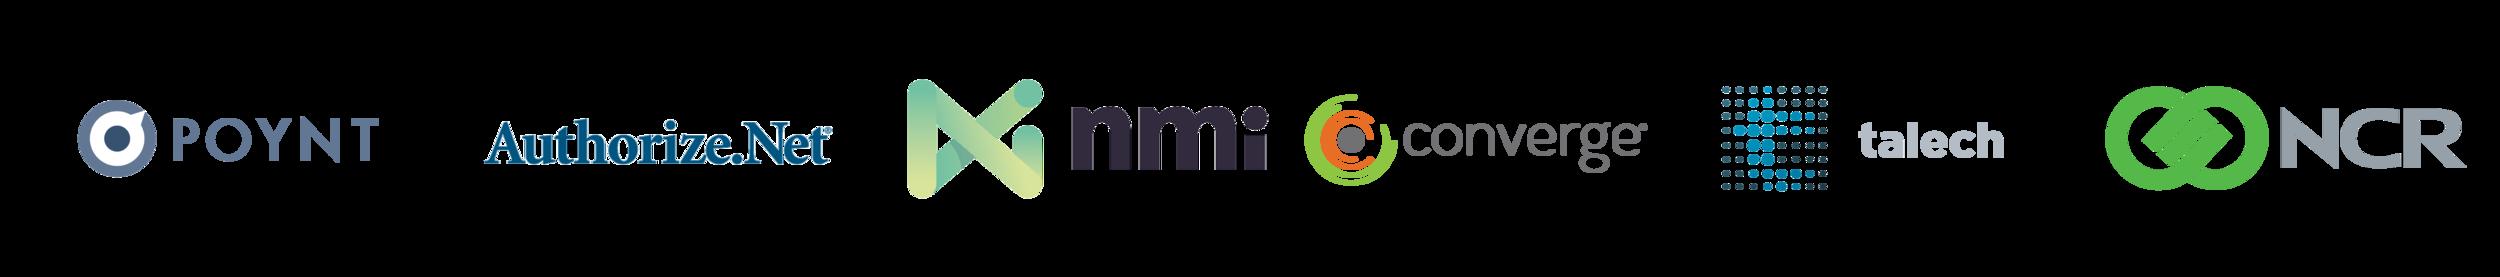 Logo Banner 2-02.png